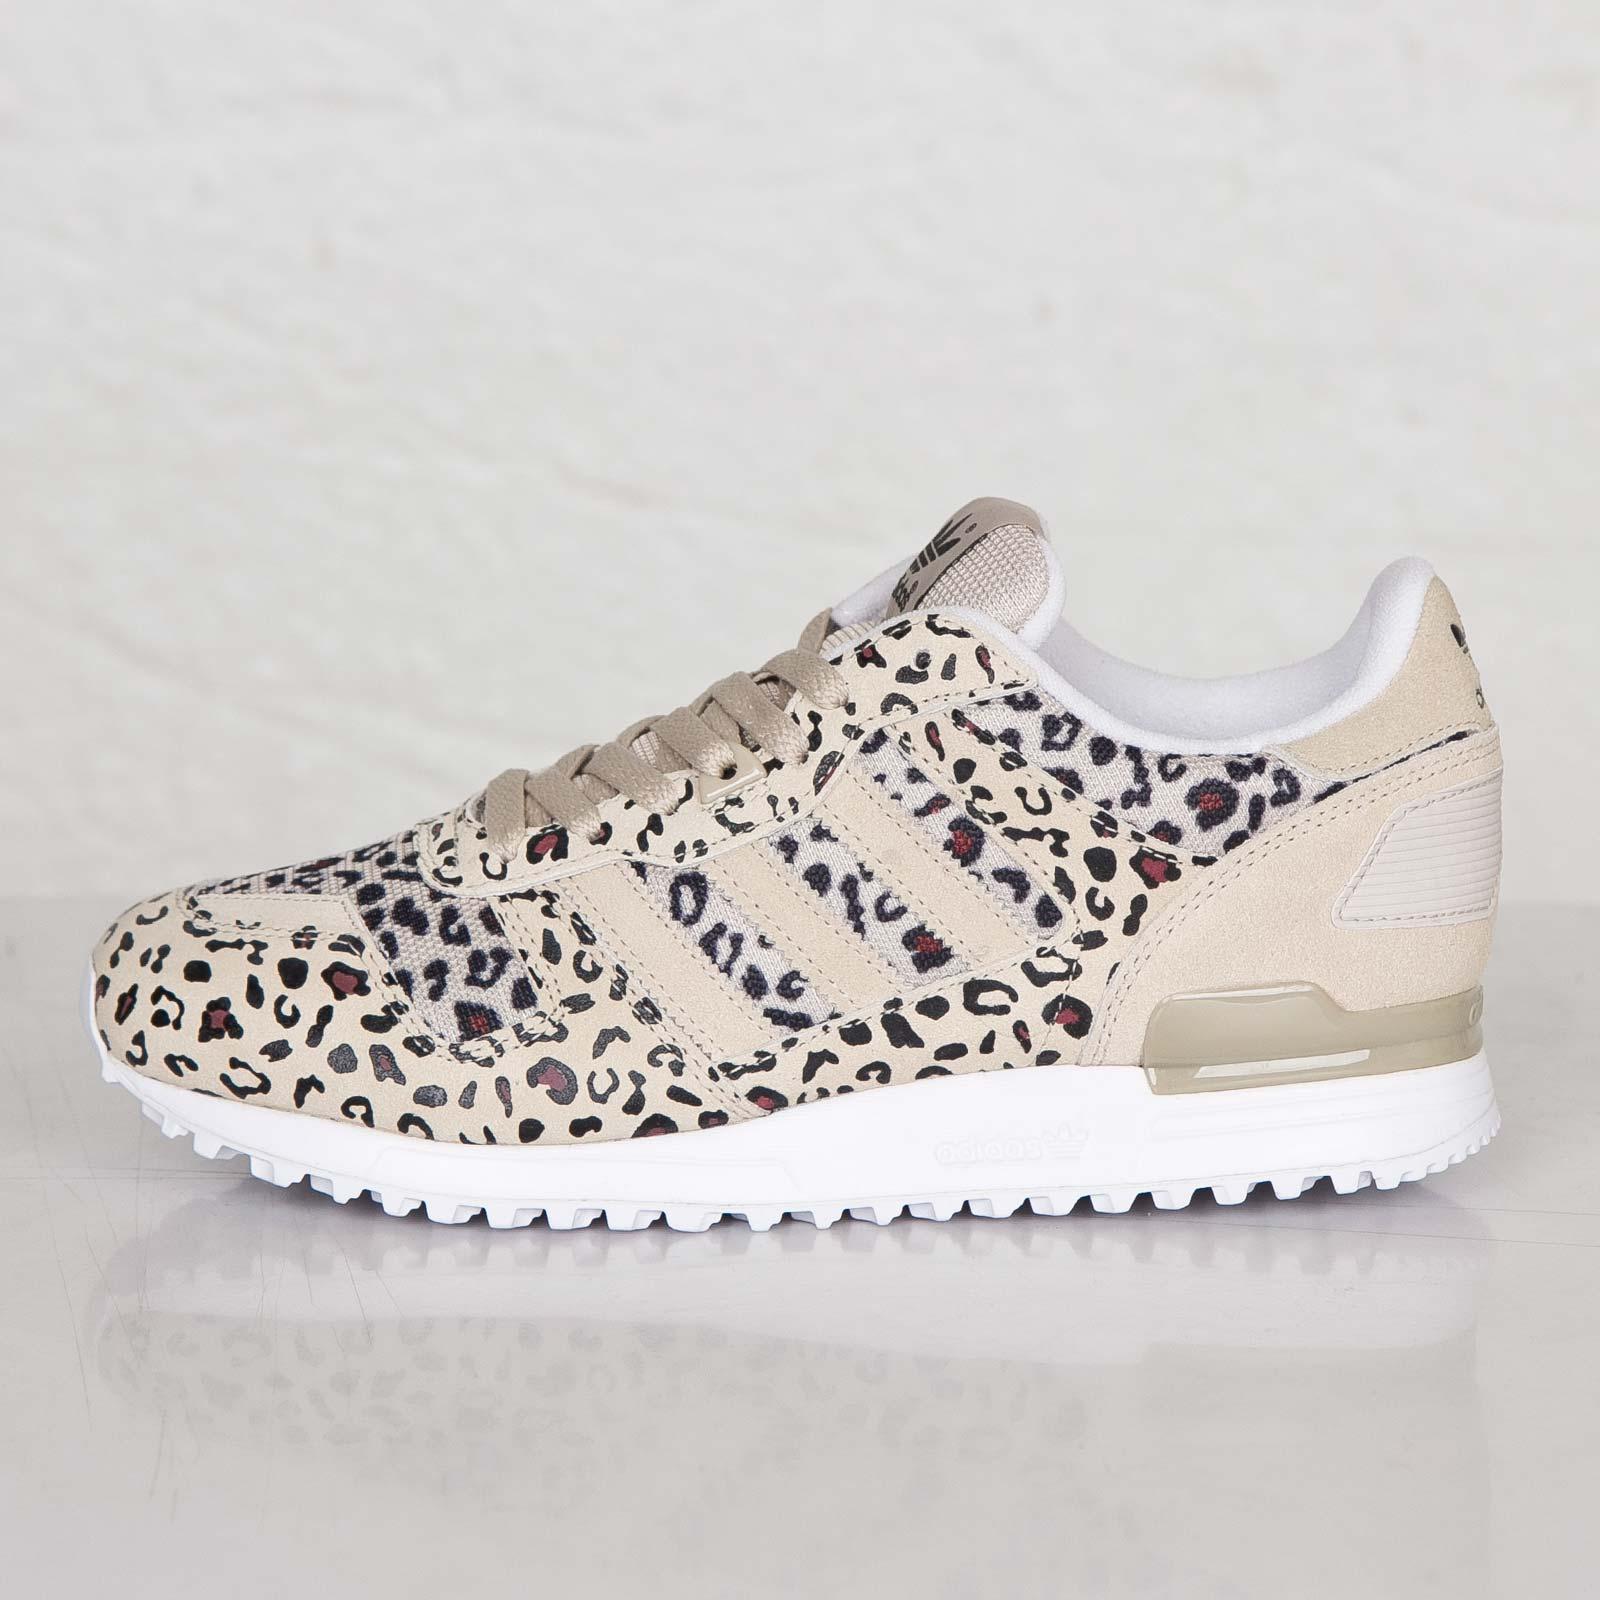 estoy enfermo Neuropatía Quien  adidas zx 700 leopard Off 74% - www.sirda.in